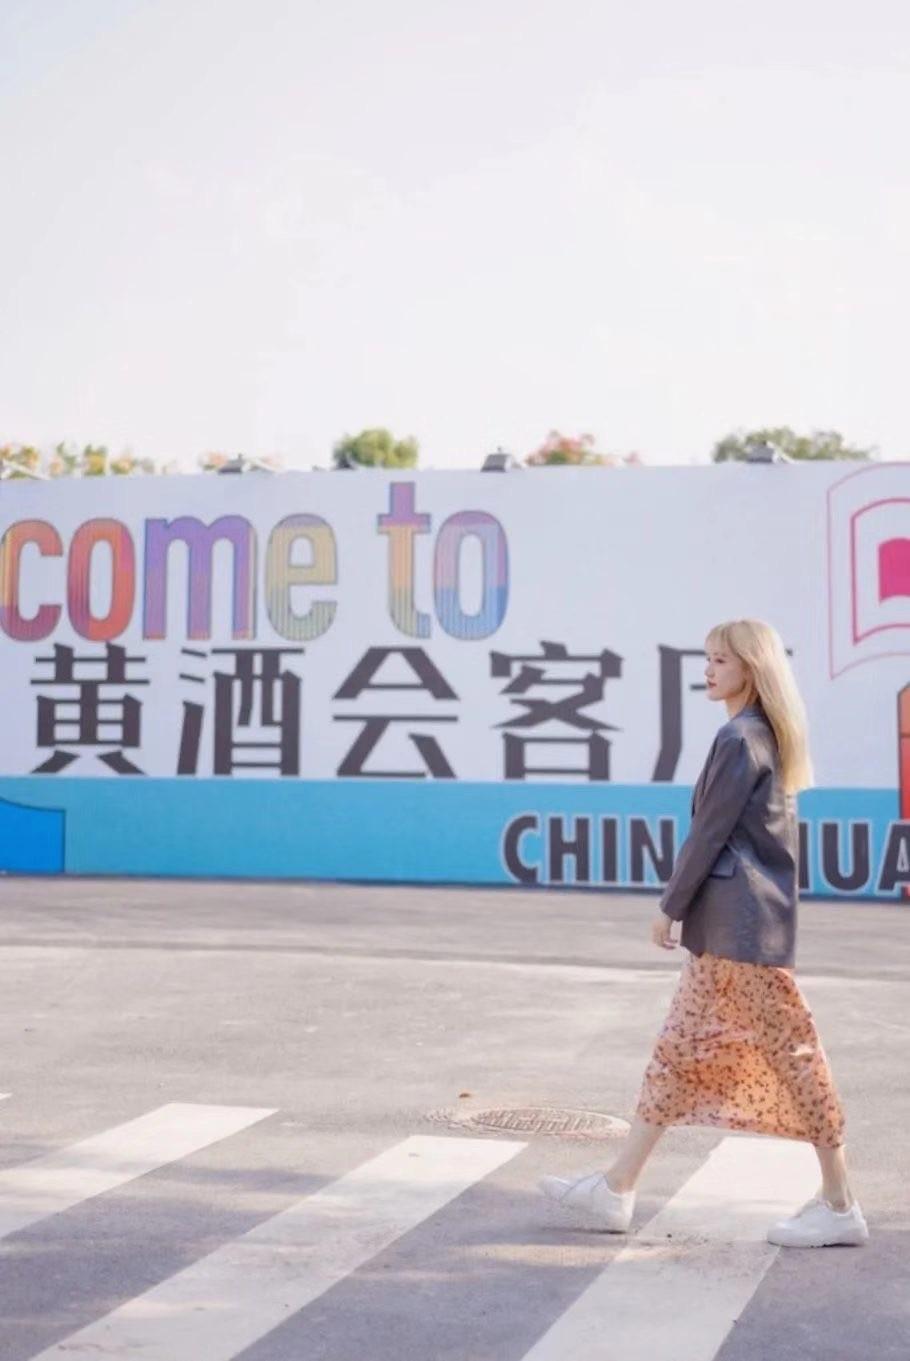 「醉」好逛的展,就藏在这个距离杭州高铁20分钟的神仙小镇里